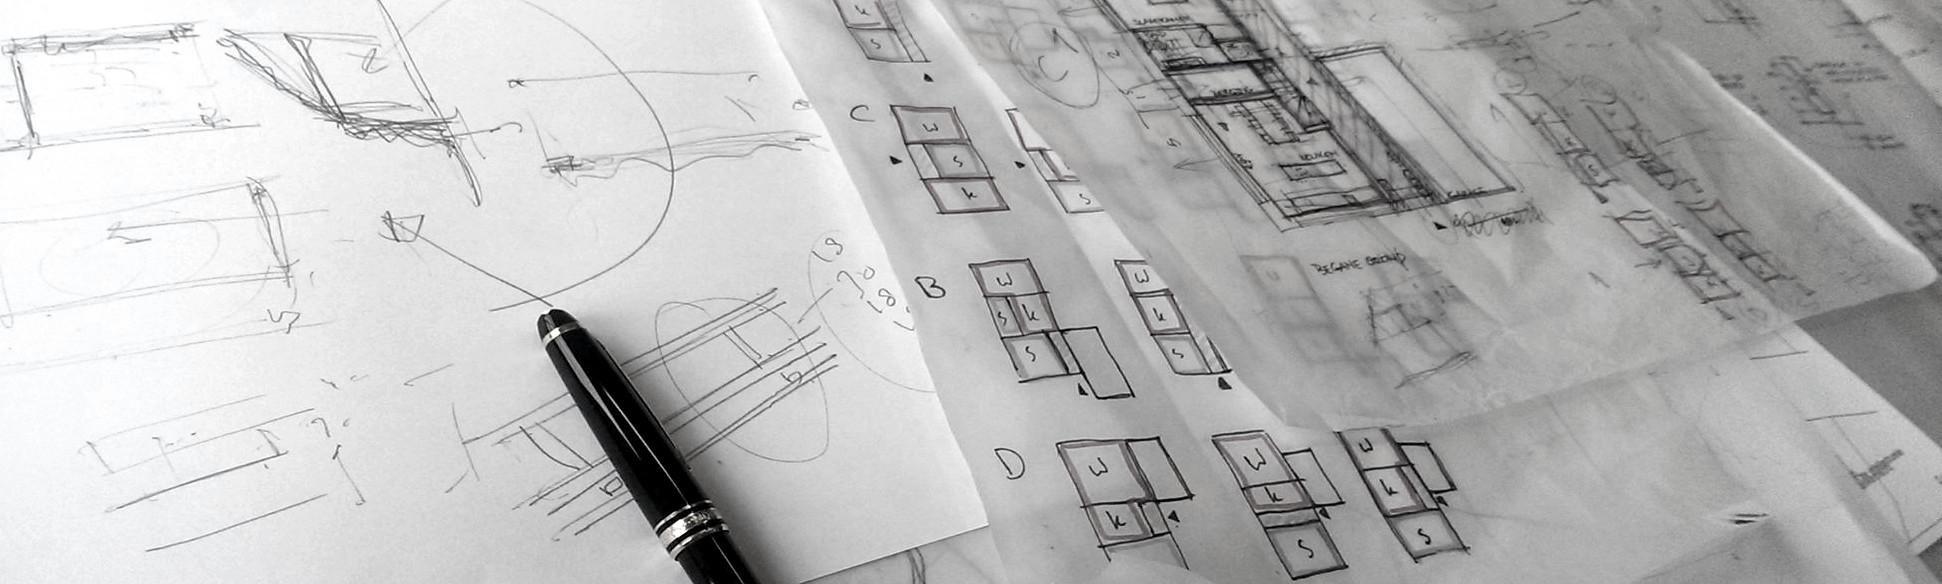 Schets - headafbeelding - BEELEN CS architecten Eindhoven